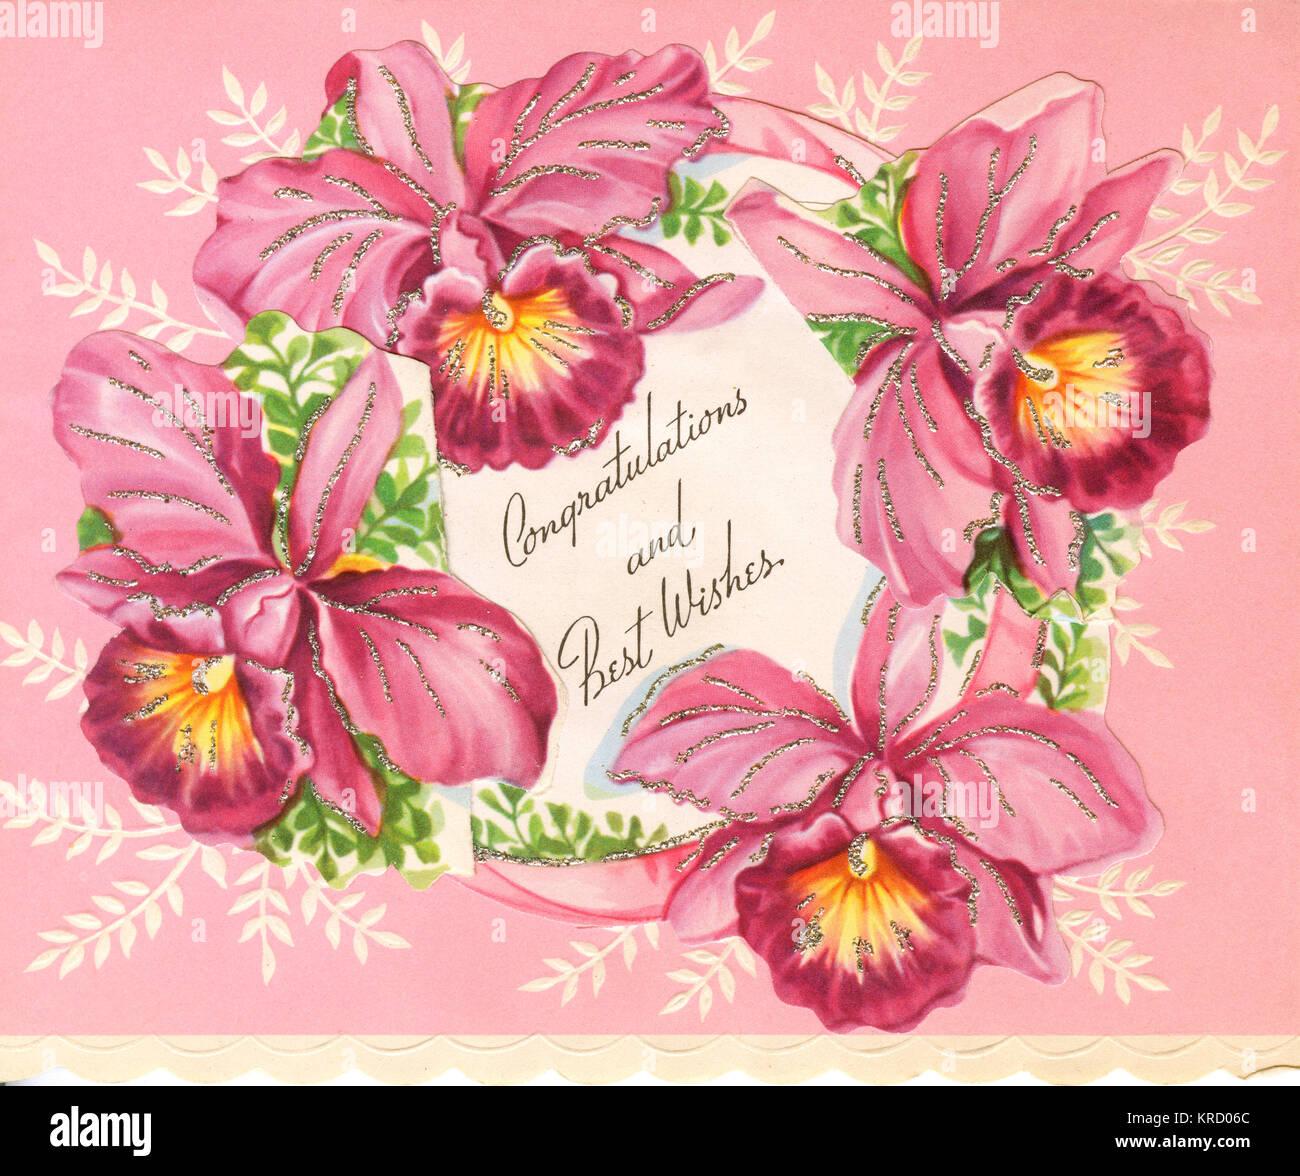 Al Matrimonio Auguri O Congratulazioni : Un giorno di nozze carta: congratulazioni e i migliori auguri